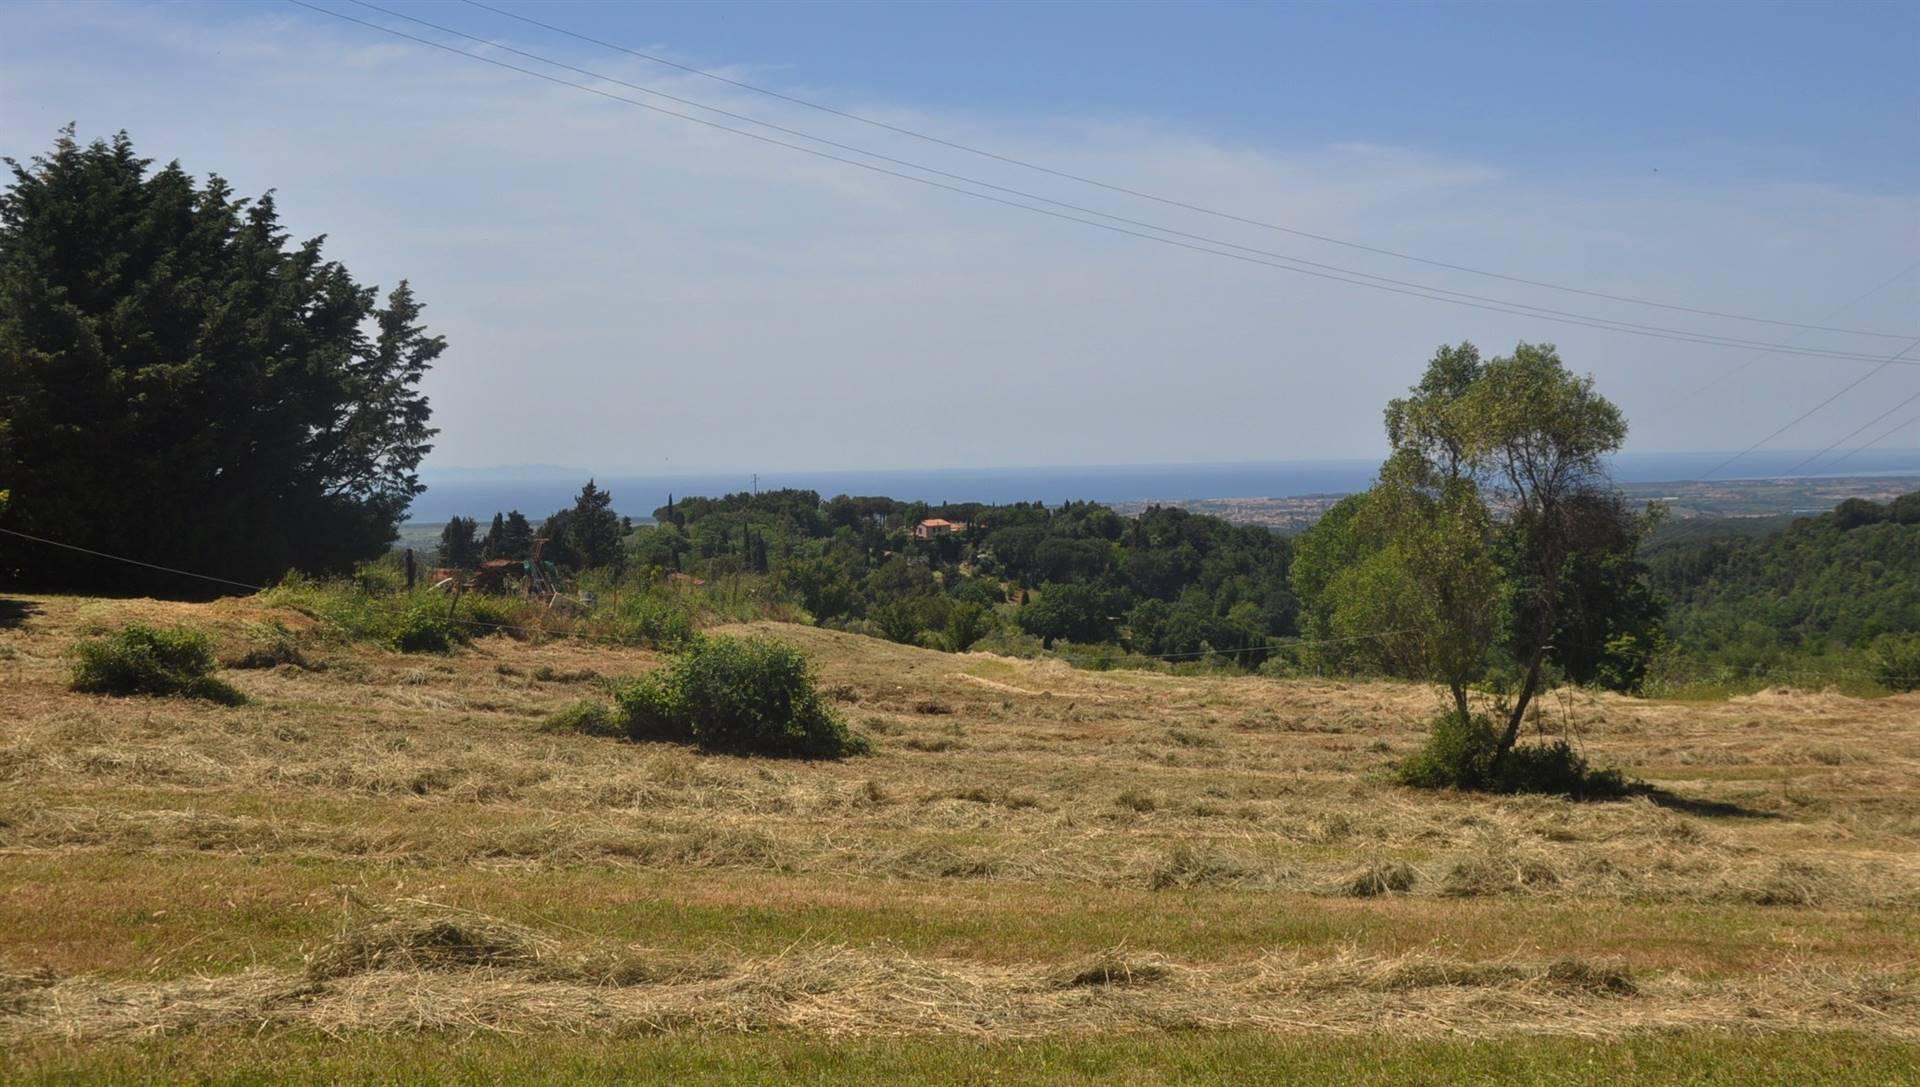 Terreno edif. residenziale in vendita a Guardistallo (PI)